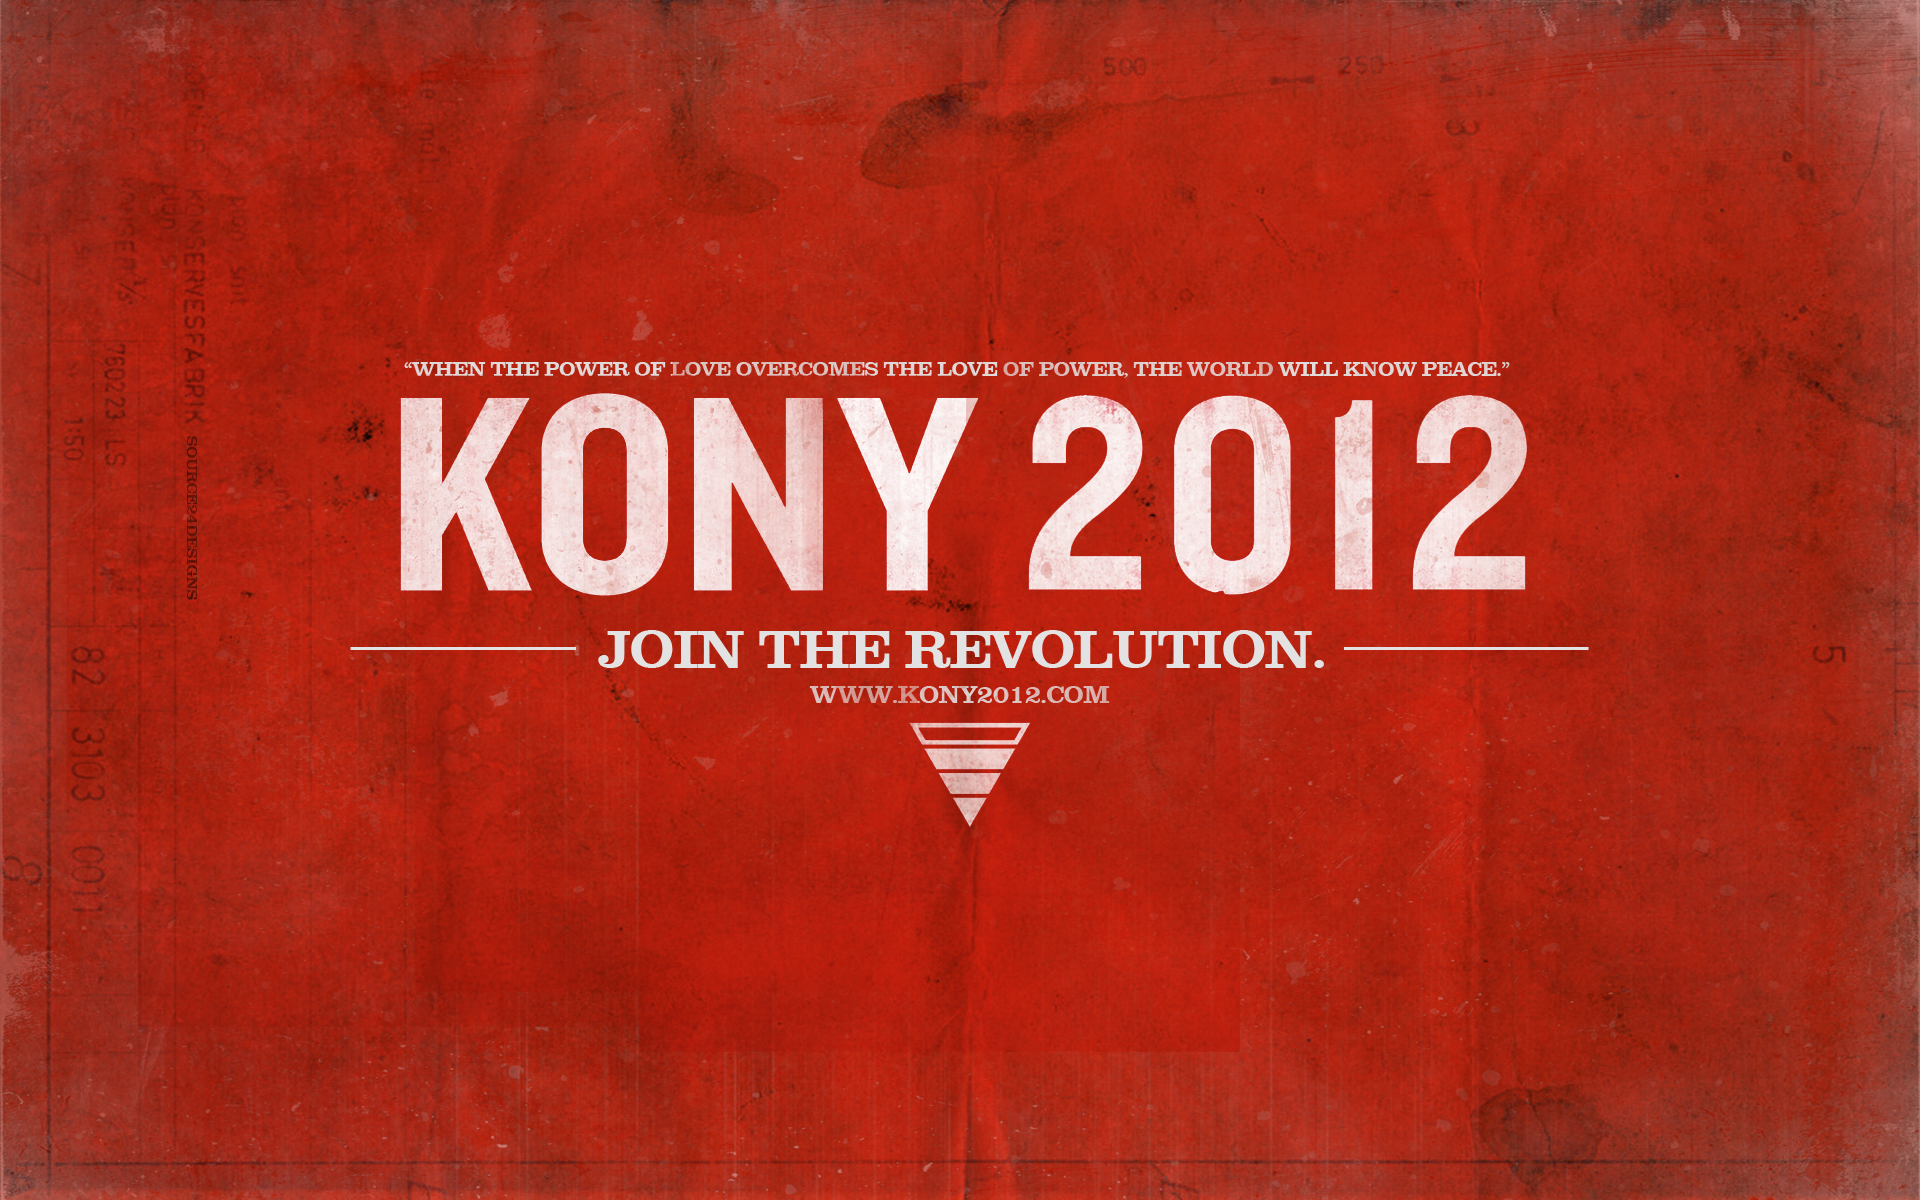 *新世界公敵?讓 約瑟夫·科尼 成名!: Joseph KONY 2012 5